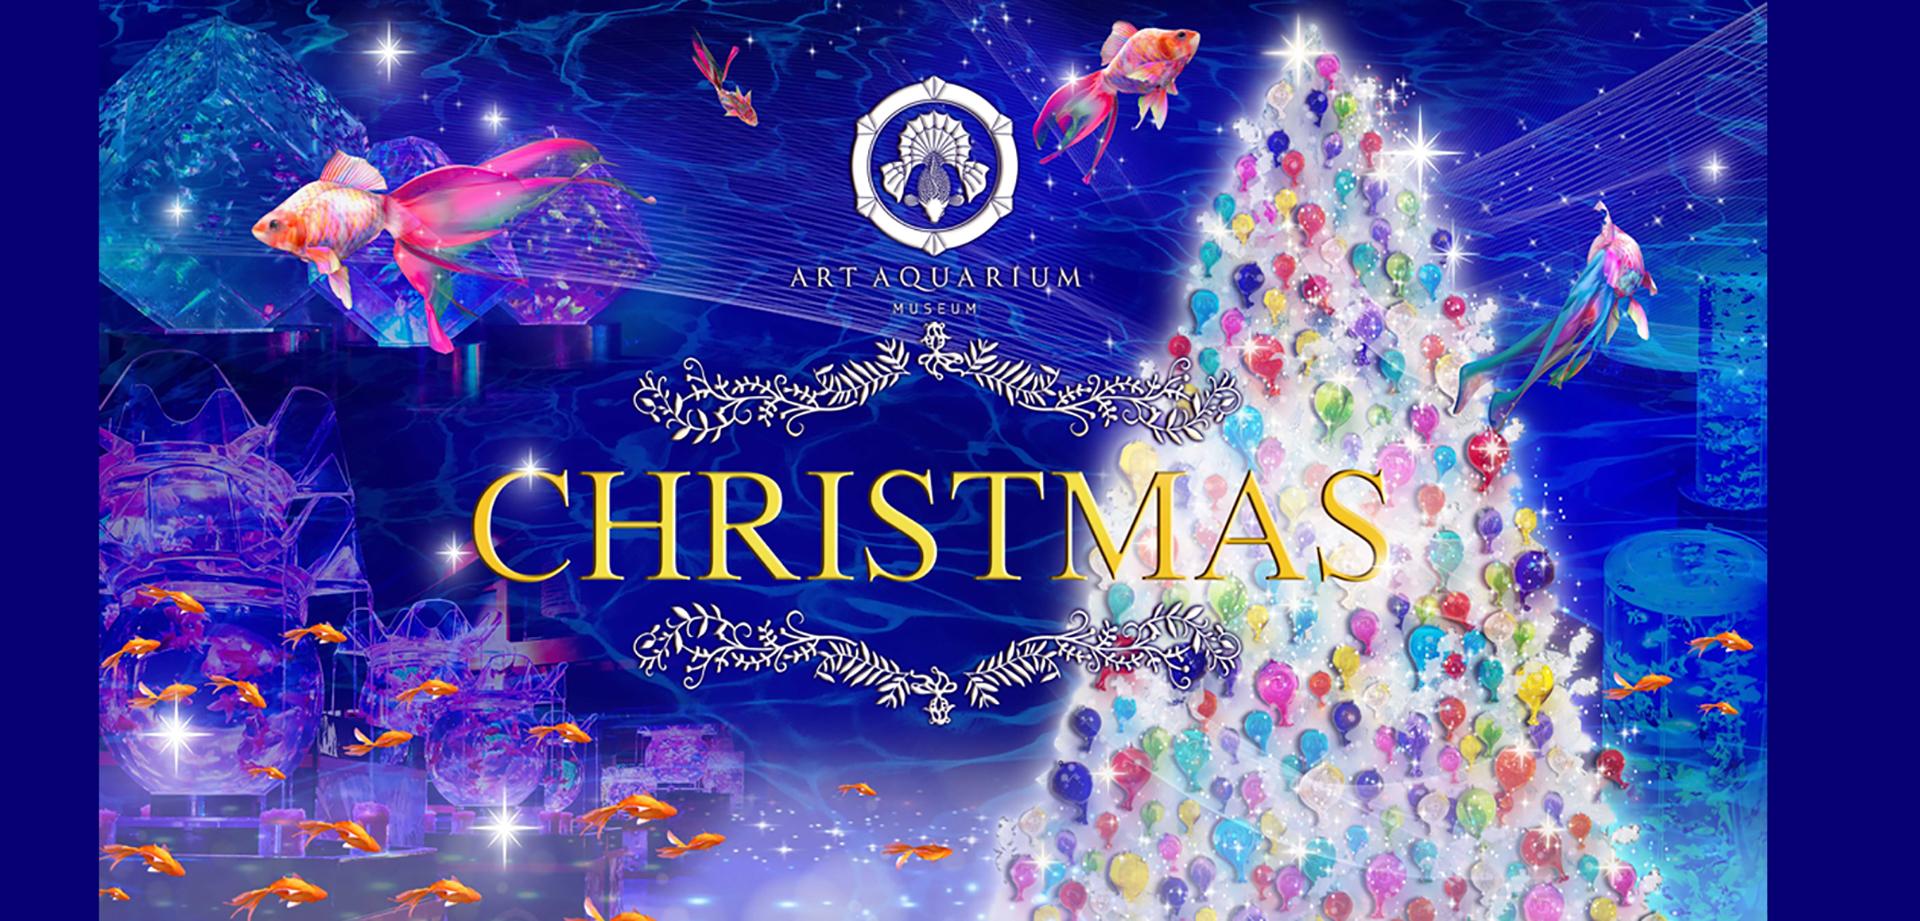 アートアクアリウム「クリスマス」